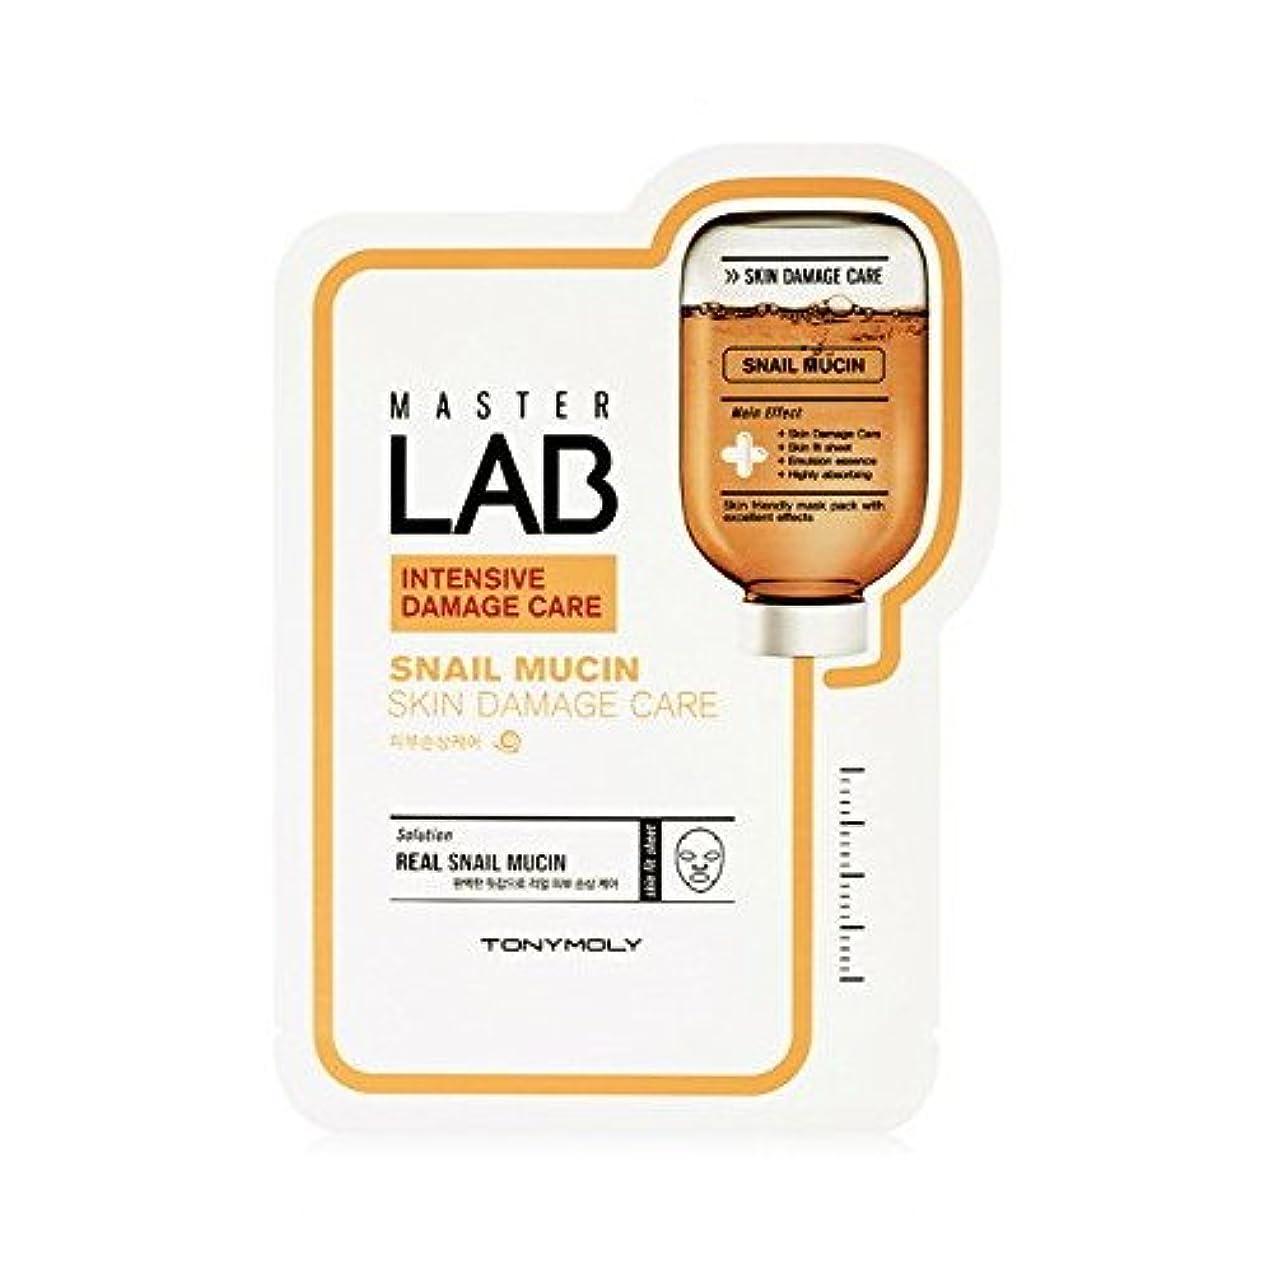 差別化する出撃者裁量(3 Pack) TONYMOLY Master Lab Mask - Snail Mucin (Skin Damage Care) (並行輸入品)